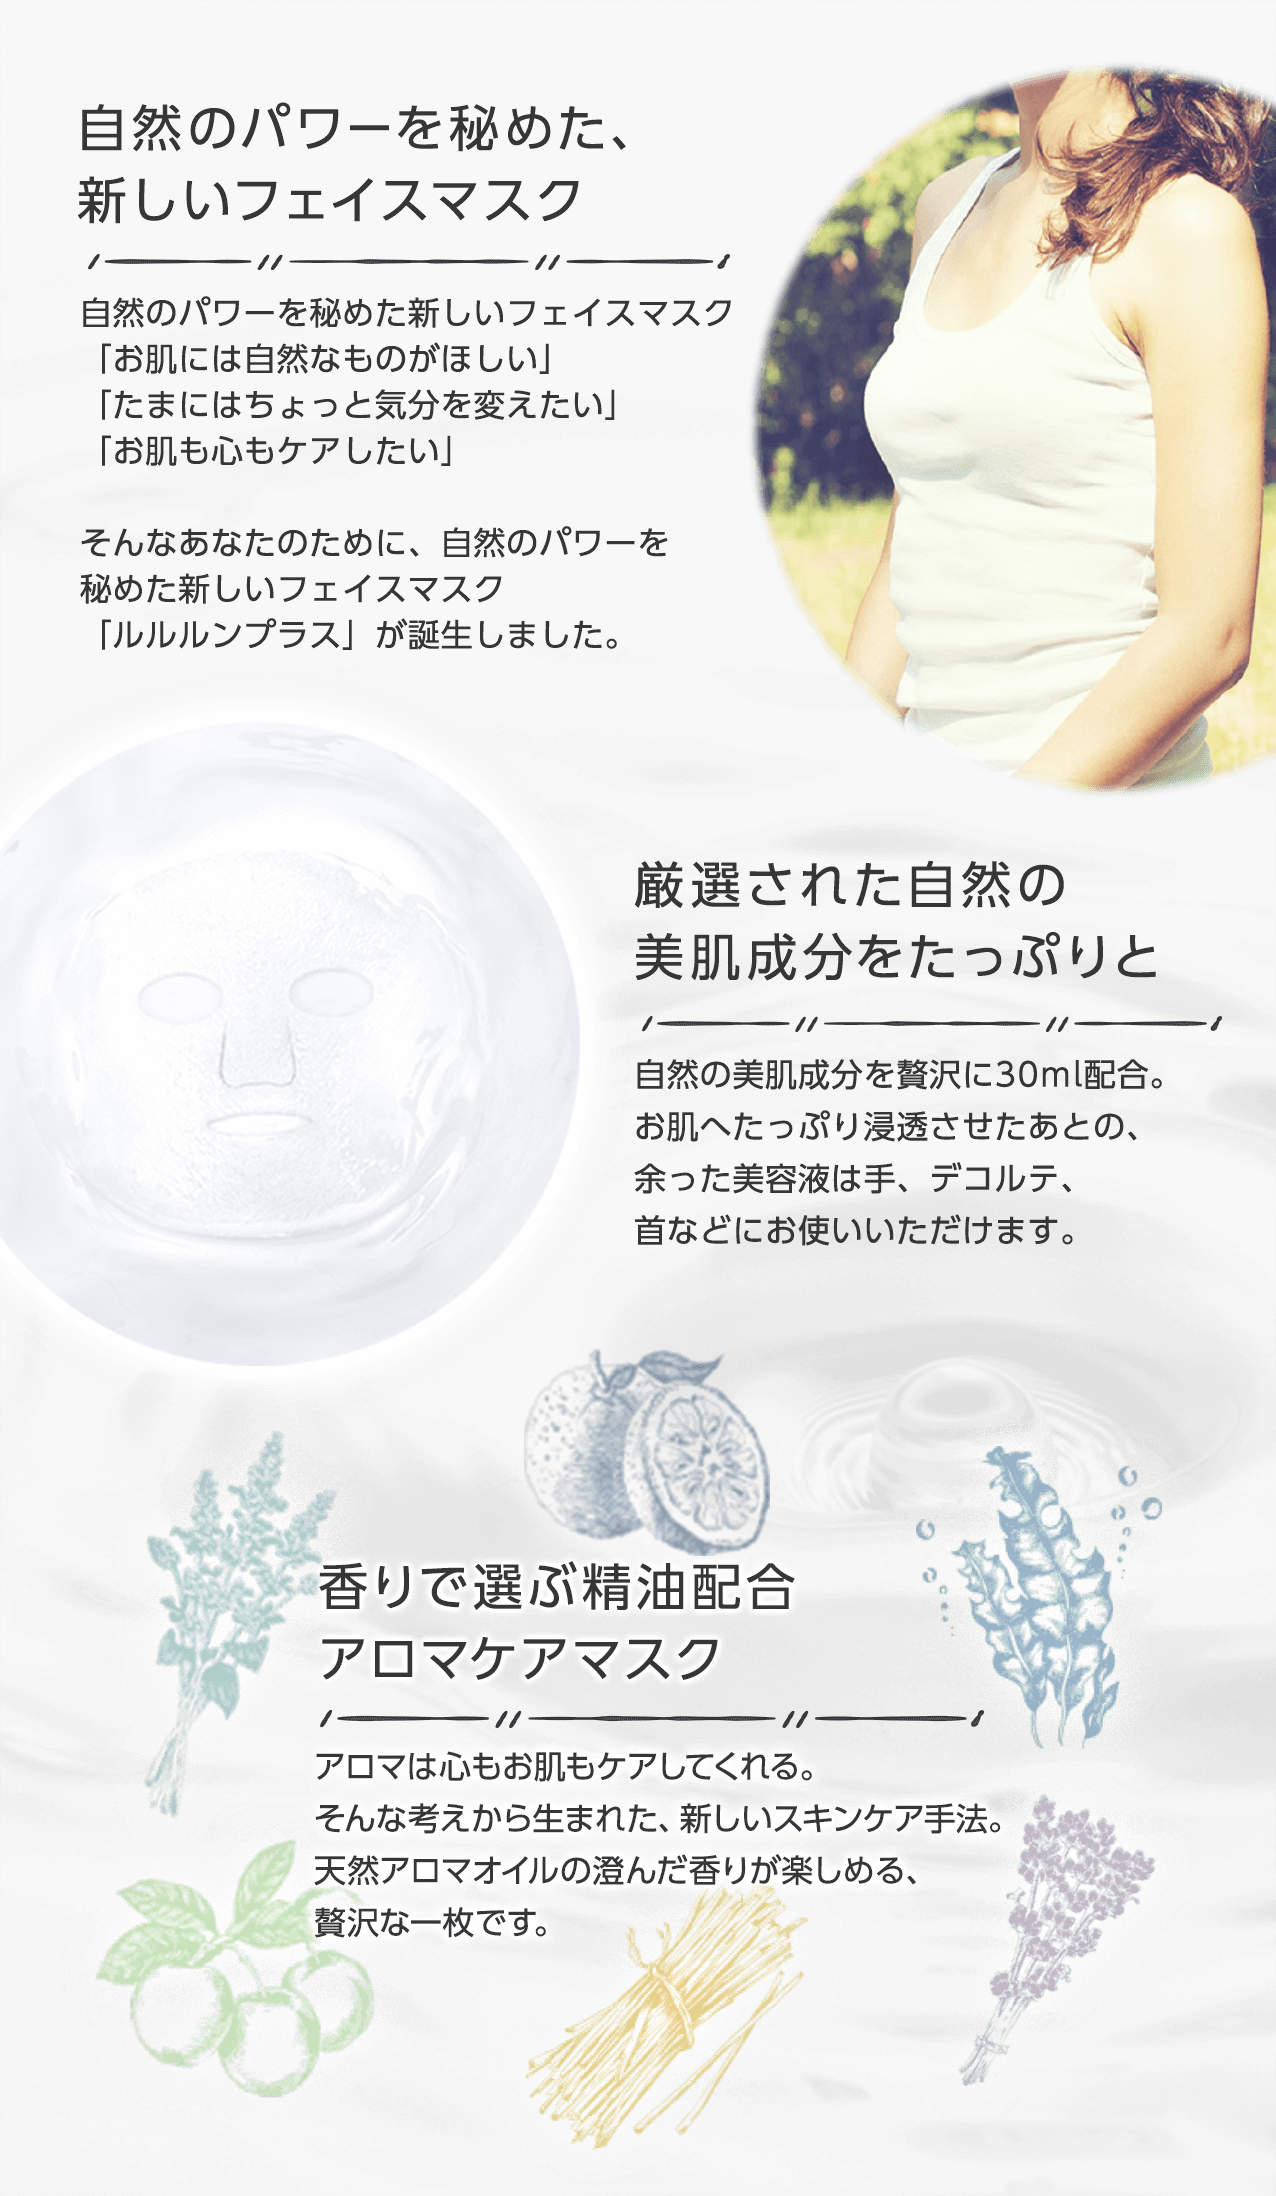 自然のパワーを秘めた、新しいフェイスマスク/厳選された自然の美肌成分をたっぷりと/香りで選ぶ精油配合アロマケアマスク